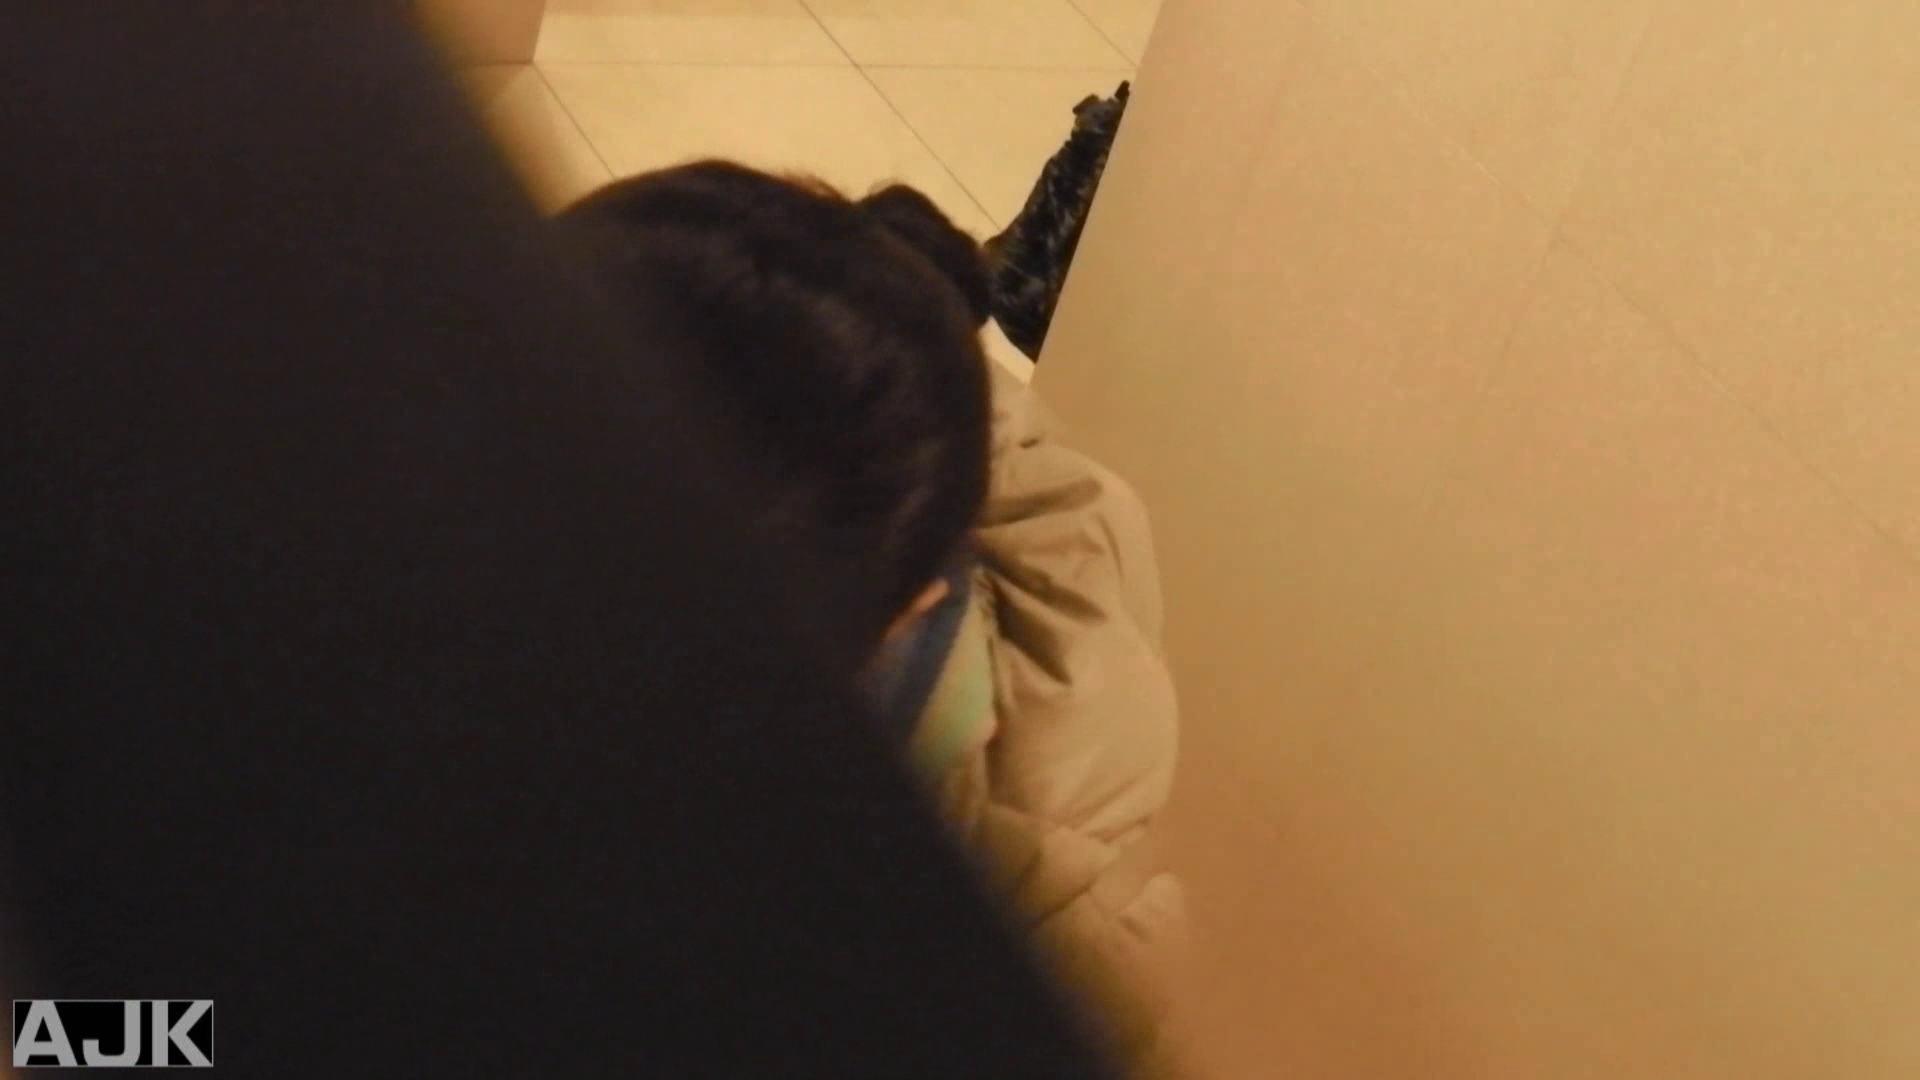 神降臨!史上最強の潜入かわや! vol.10 無修正マンコ 戯れ無修正画像 61連発 25